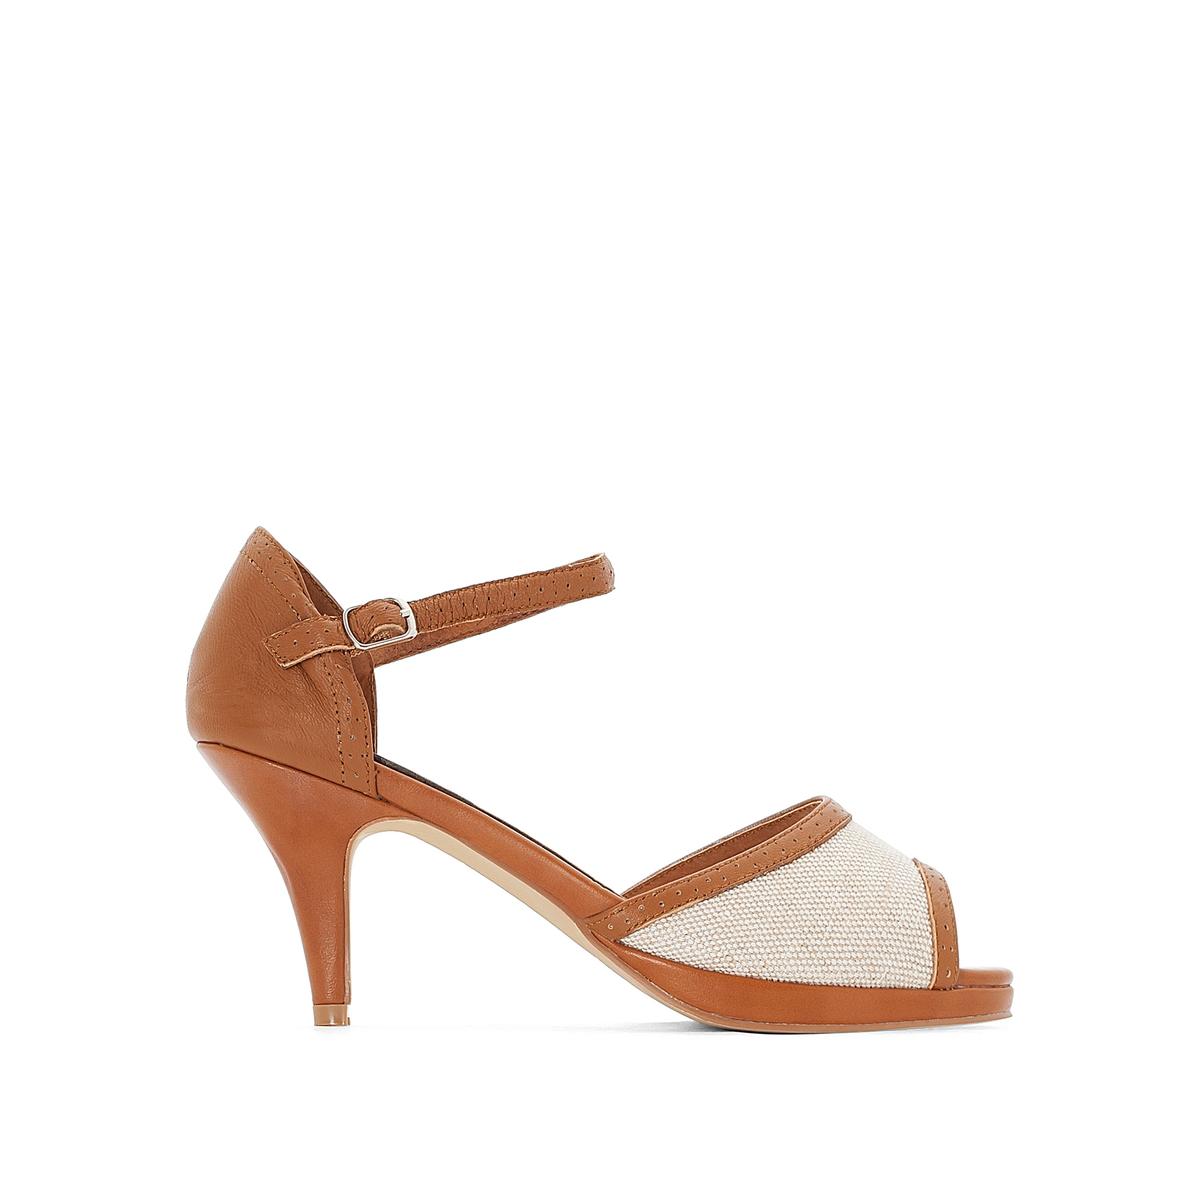 Туфли кожаные на высоком каблуке туфли кожаные на высоком каблуке